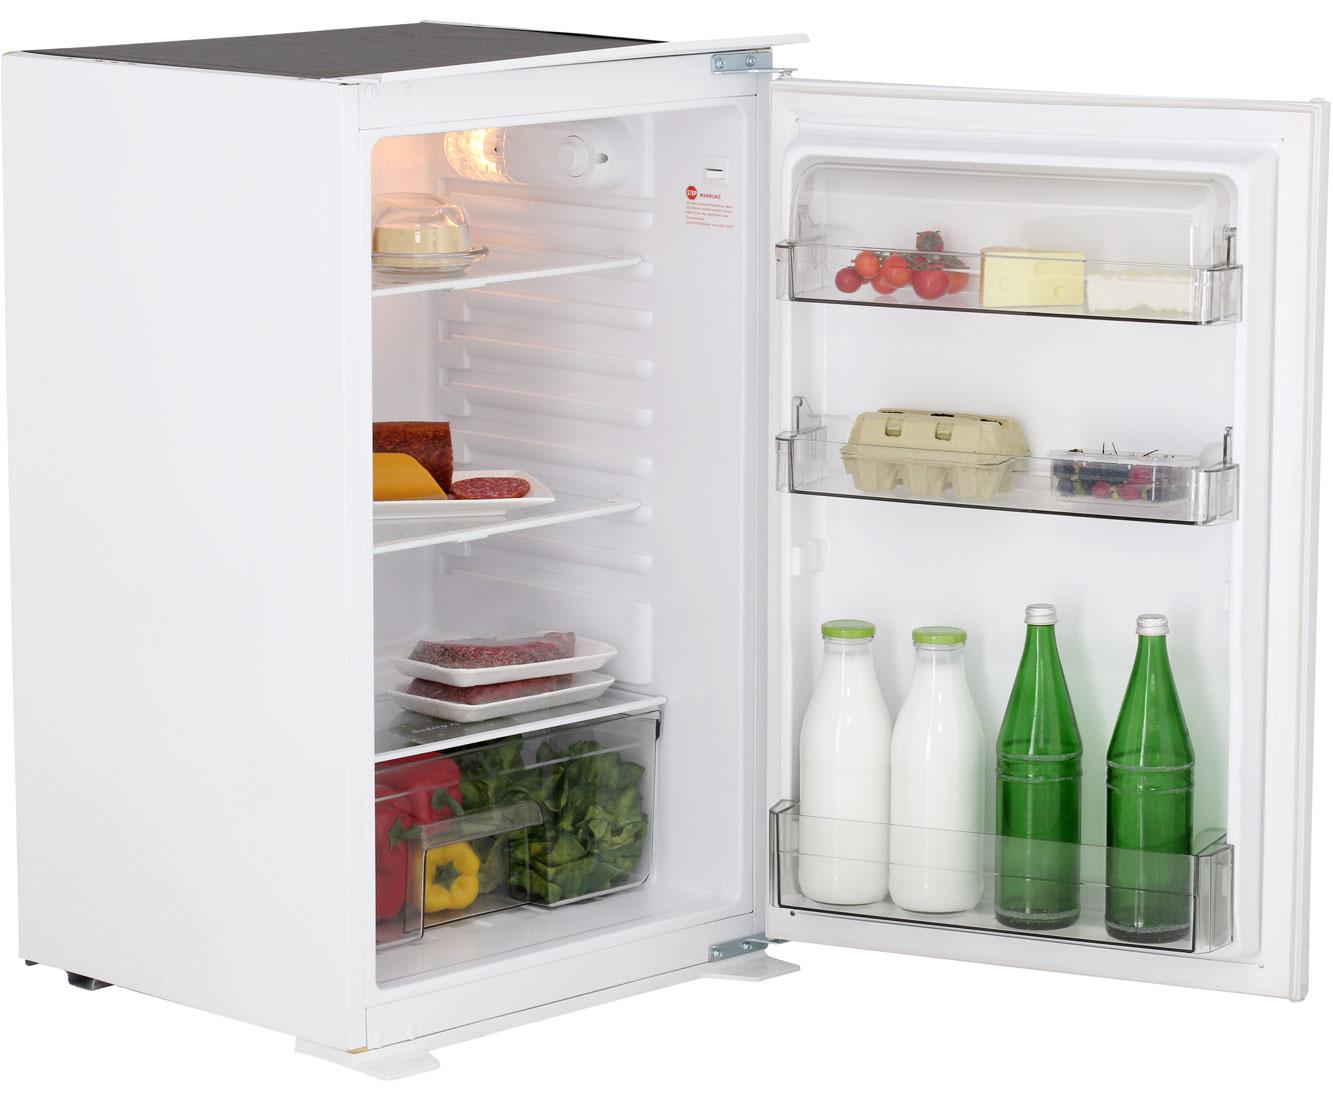 Aeg Kühlschrank Rkb63221dw : Rabatt preisvergleich.de haushalt u003e großgeräte u003e kühlschränke